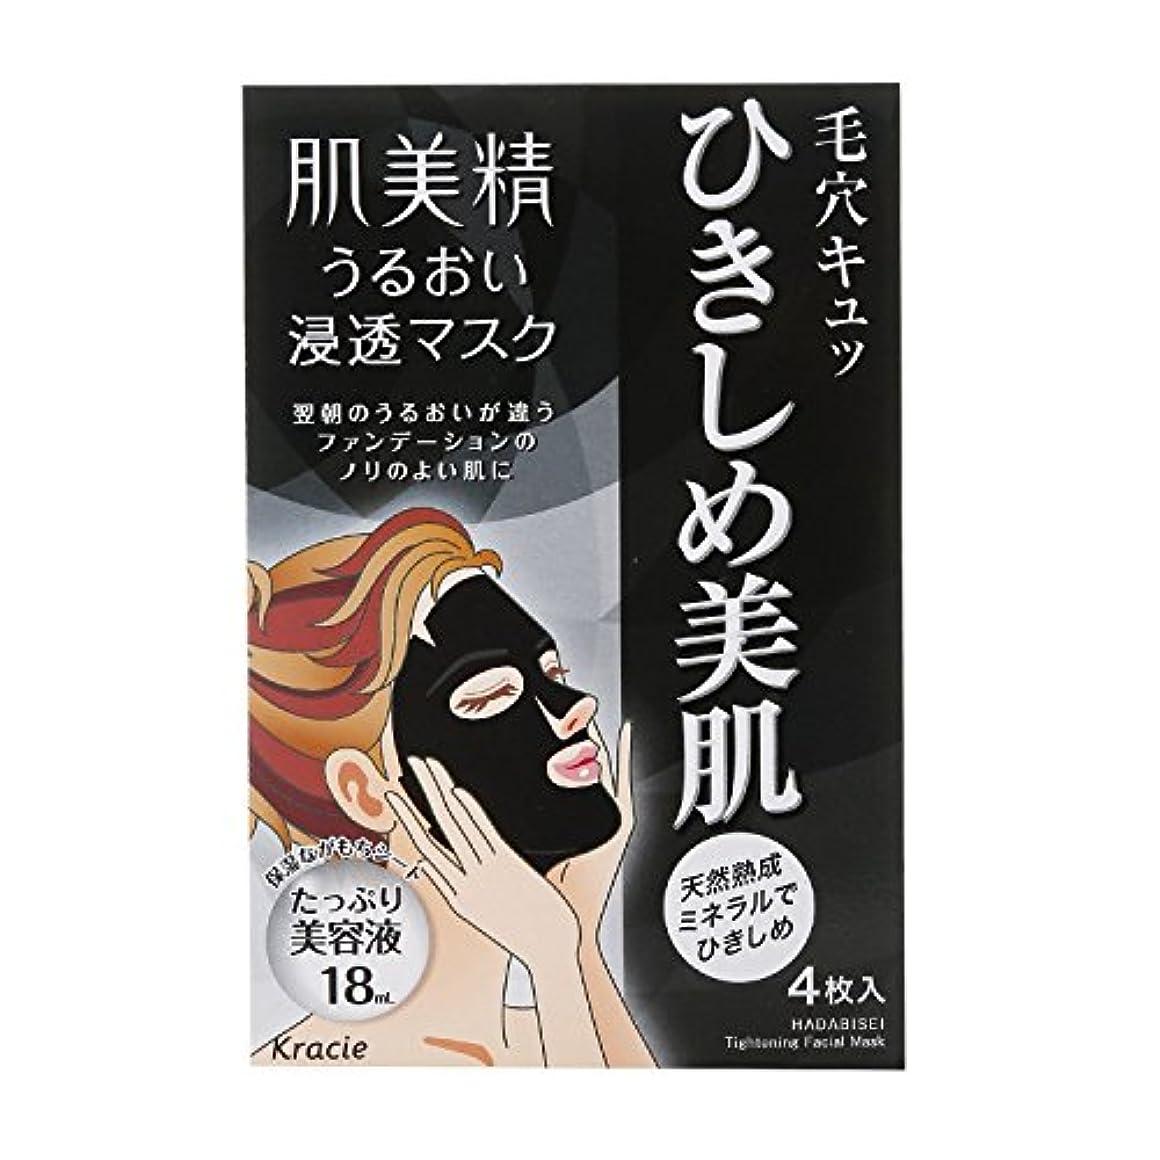 草飾る音肌美精 うるおい浸透マスク (ひきしめ) 4枚 × 2個